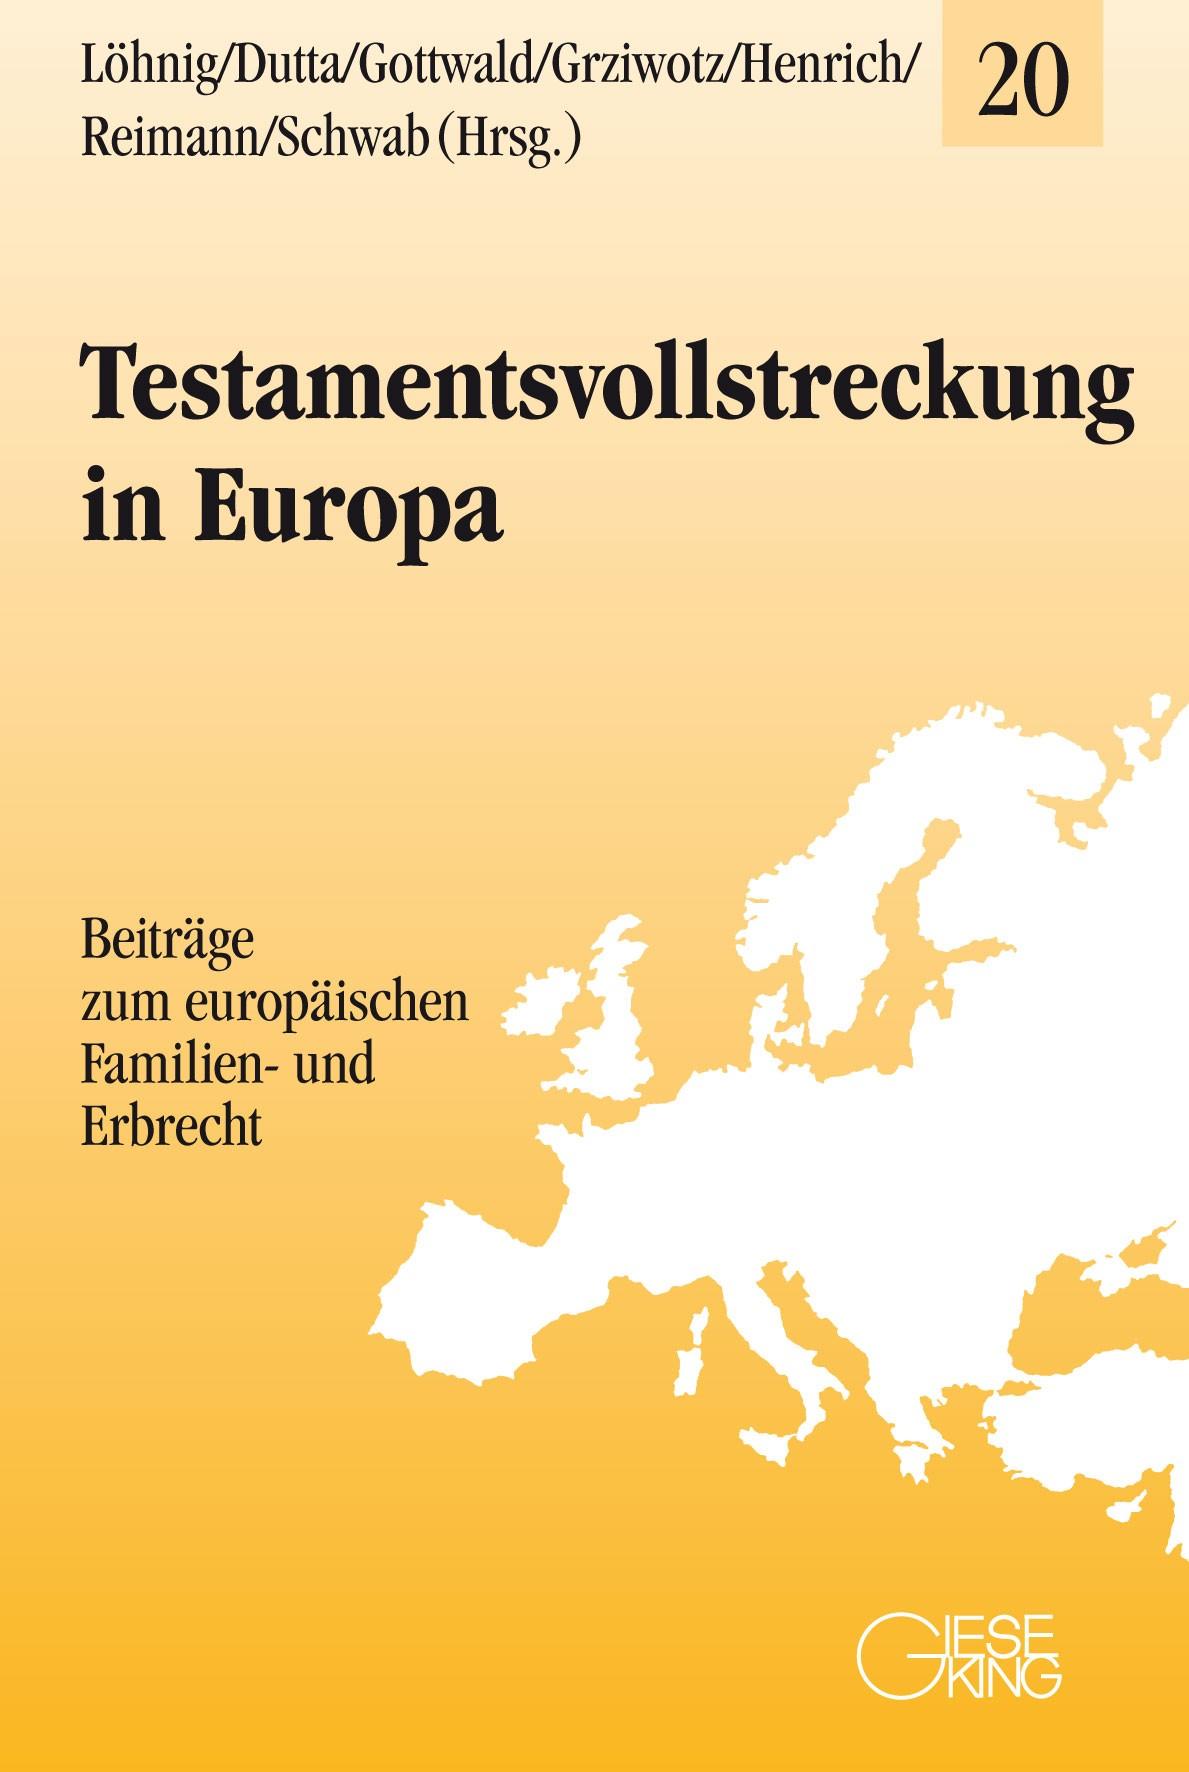 Testamentsvollstreckung in Europa | Löhnig / Dutta / Gottwald / Grziwotz / Henrich / Reimann / Schwab (Hrsg.), 2018 | Buch (Cover)